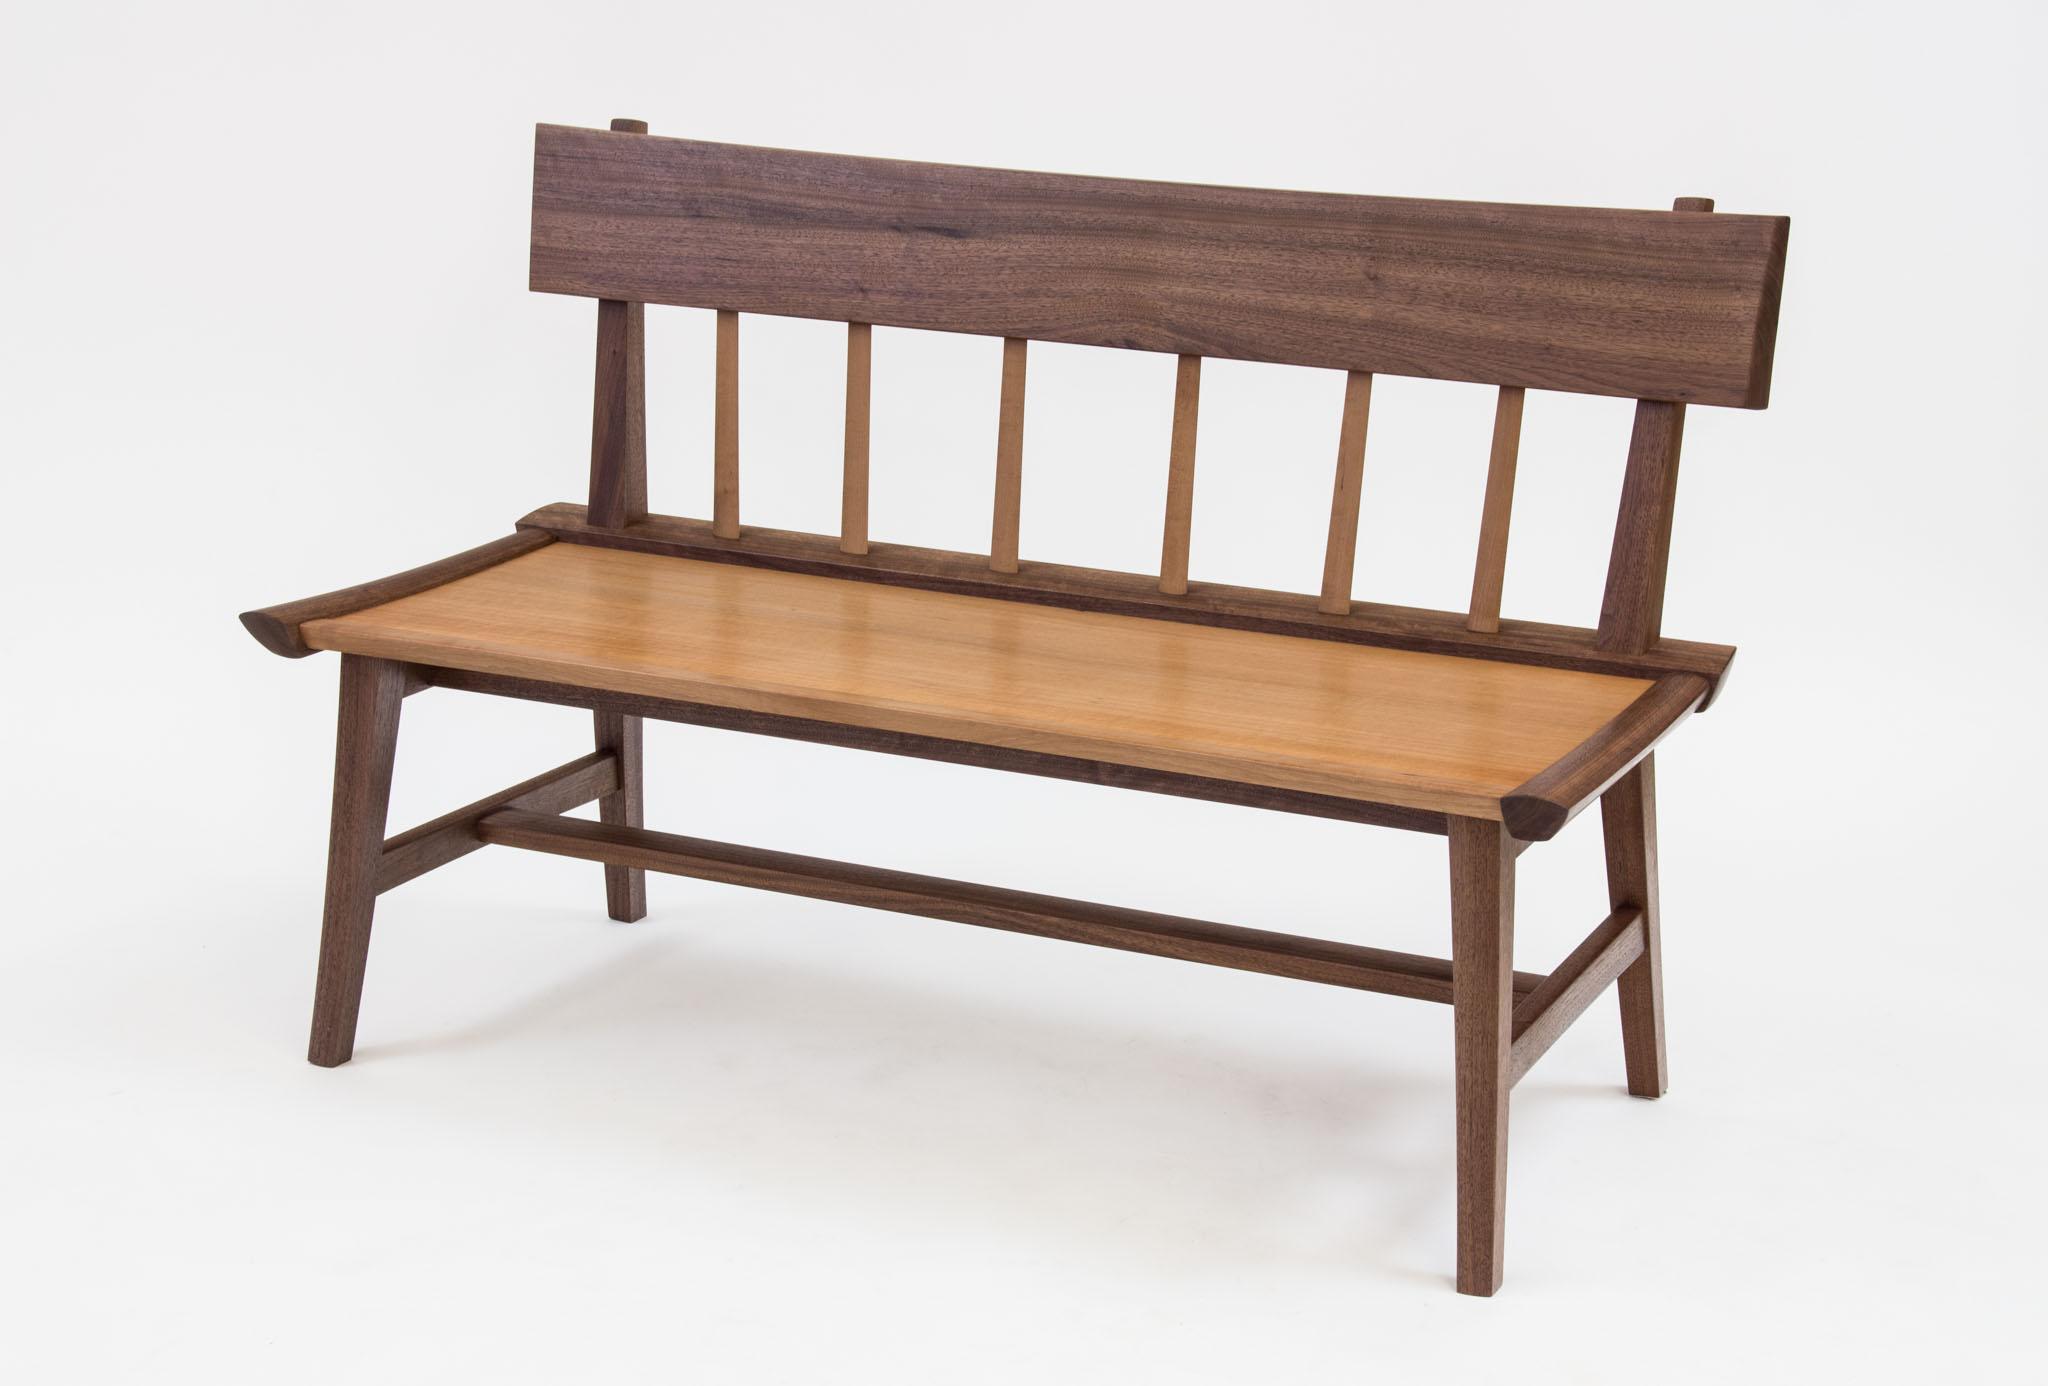 Merk Bench